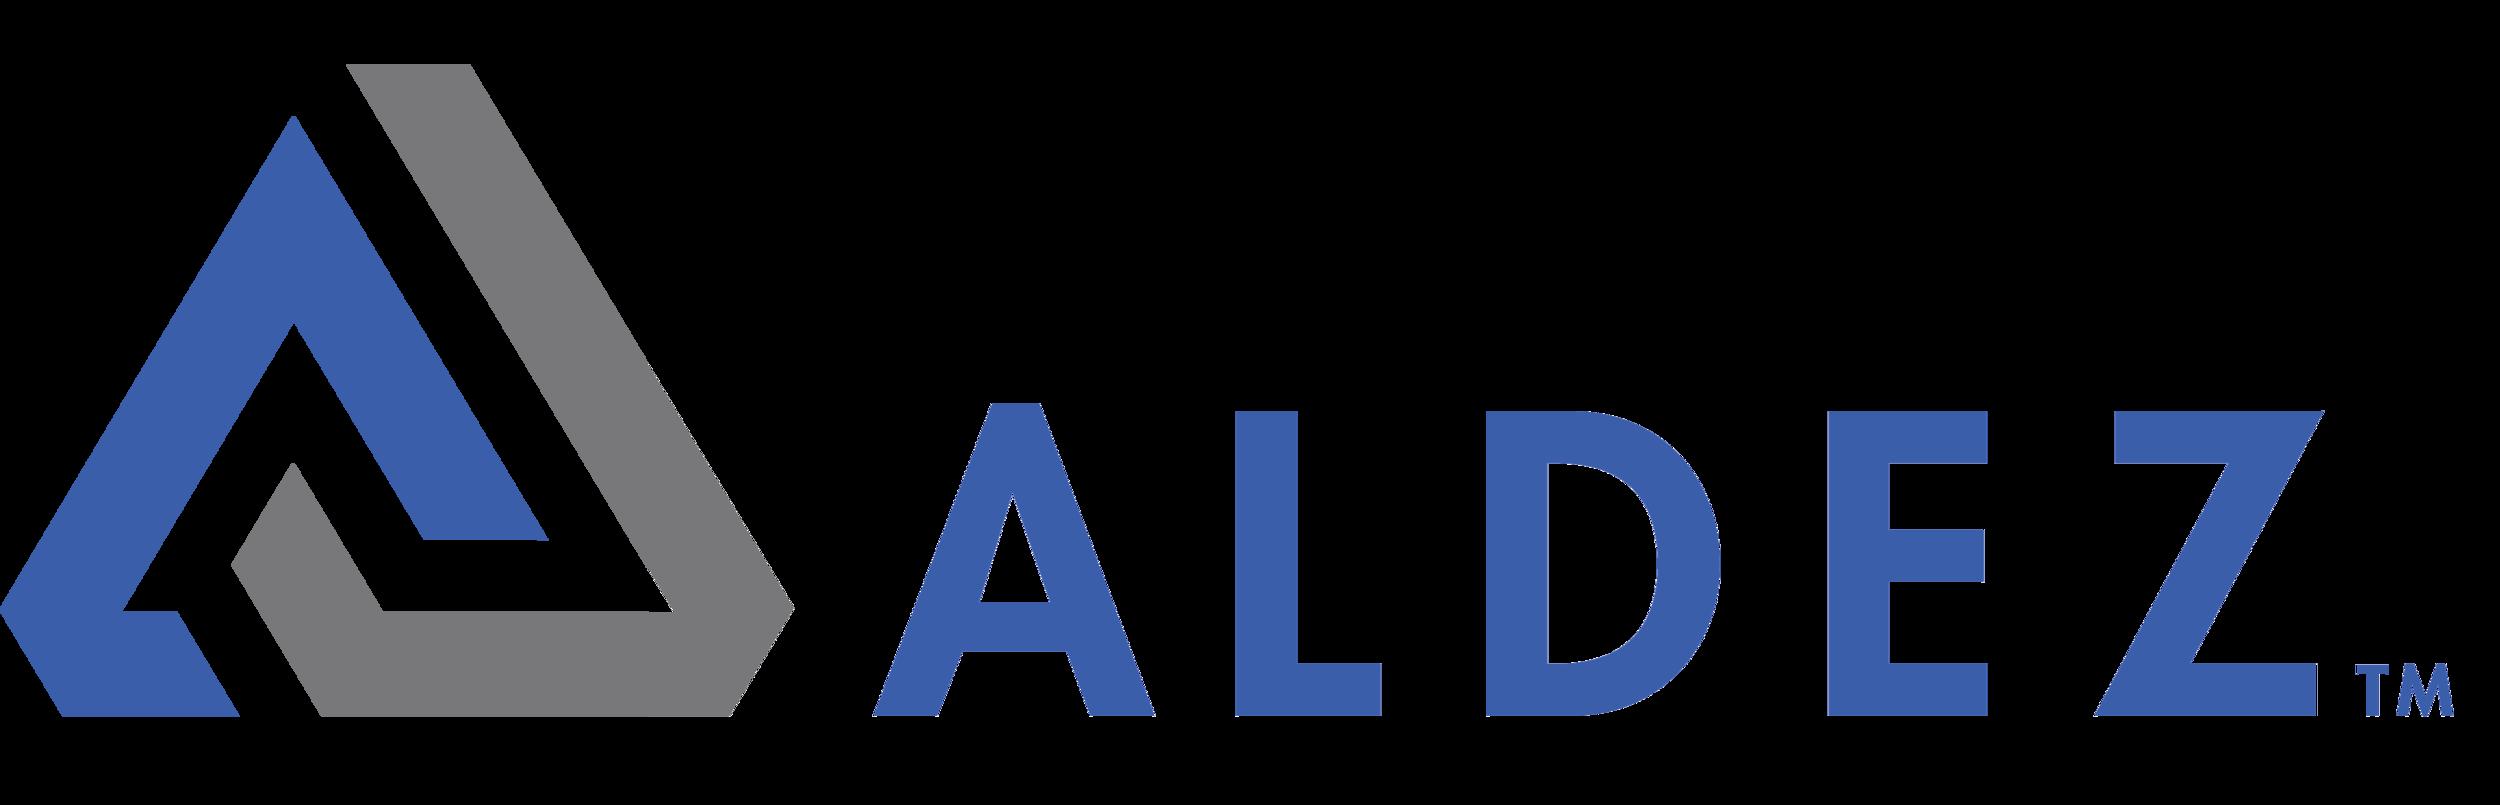 ALDEZ-header.png